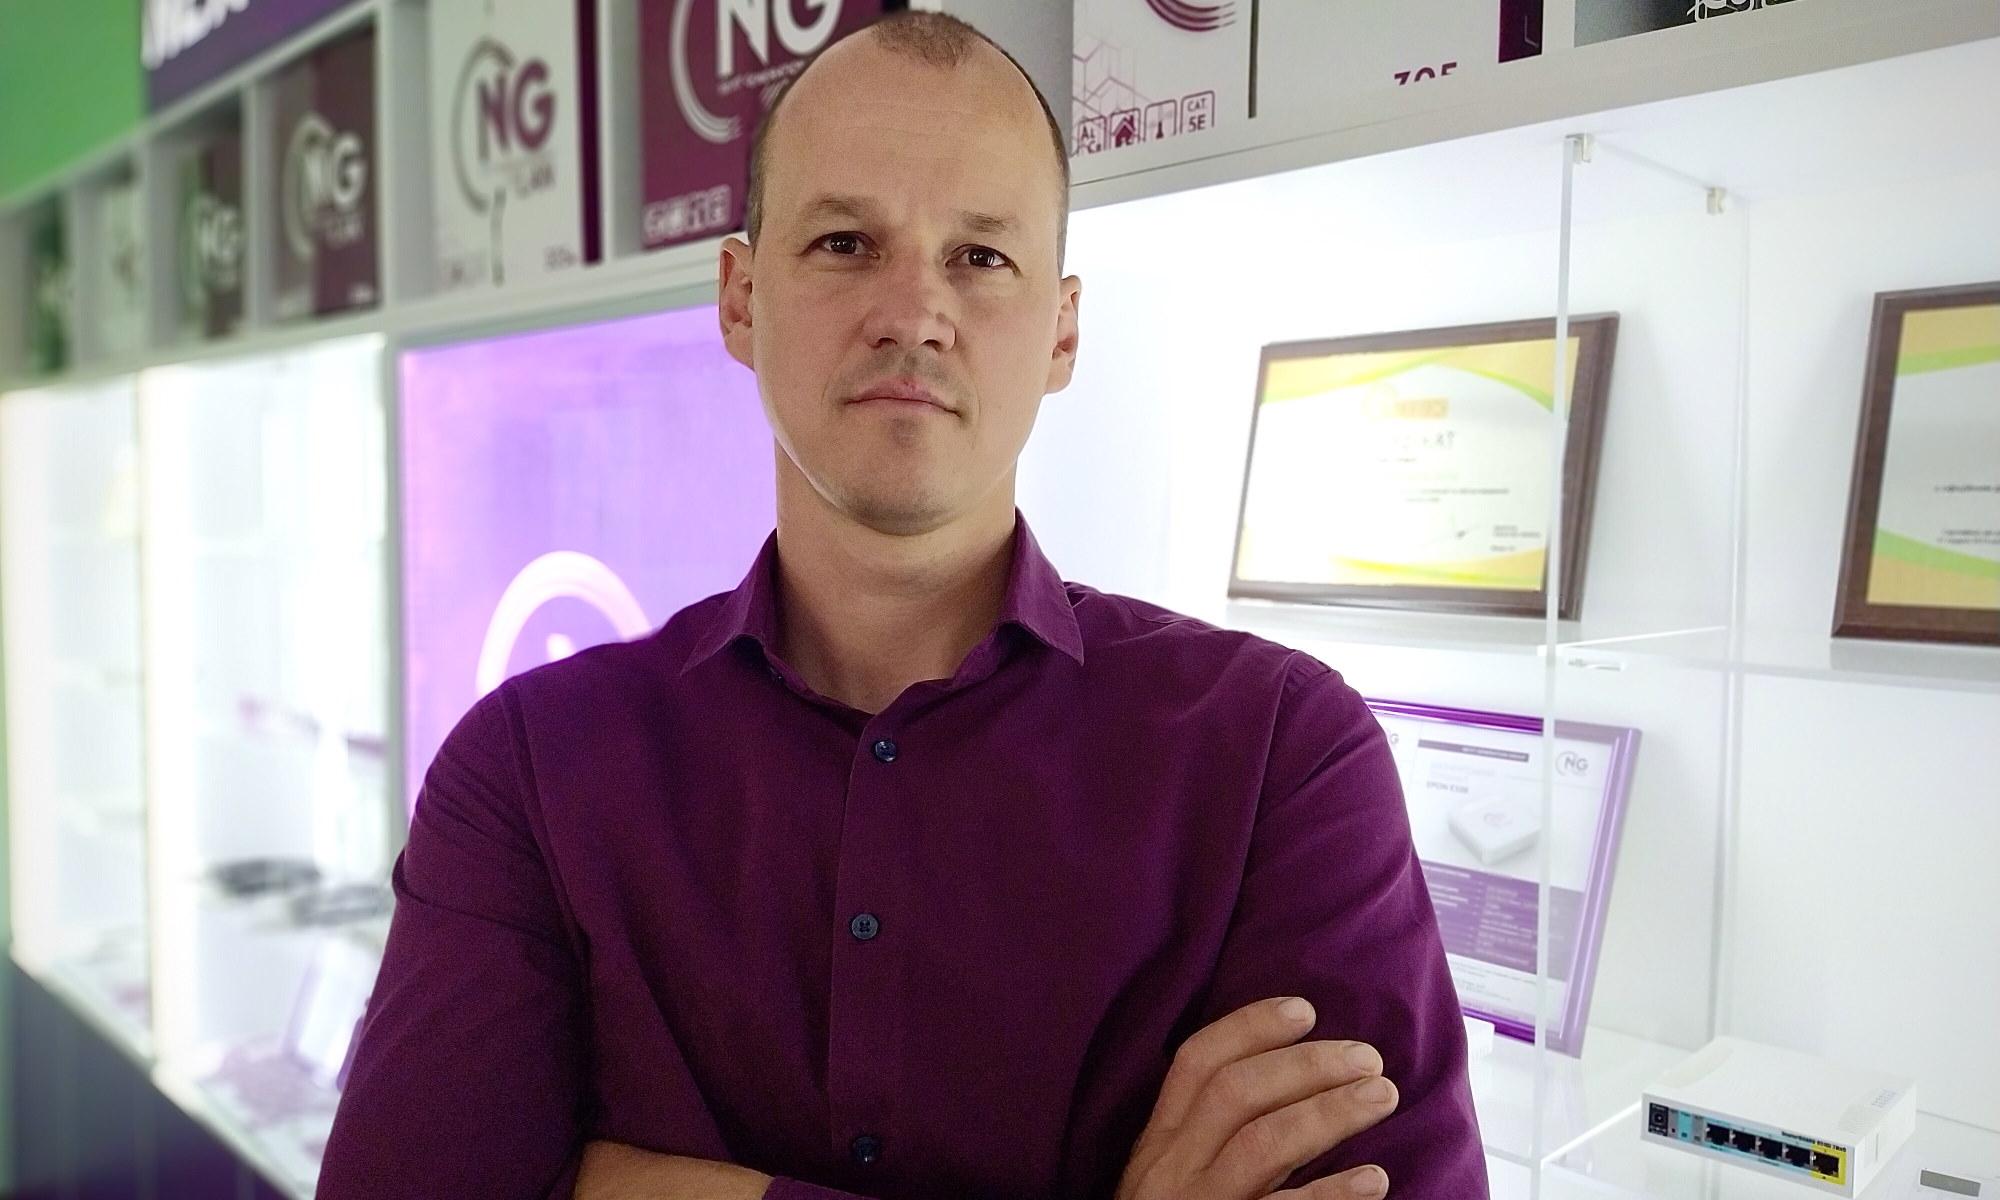 Тисовский Руслан, директор по развитию группы компаний NG Group